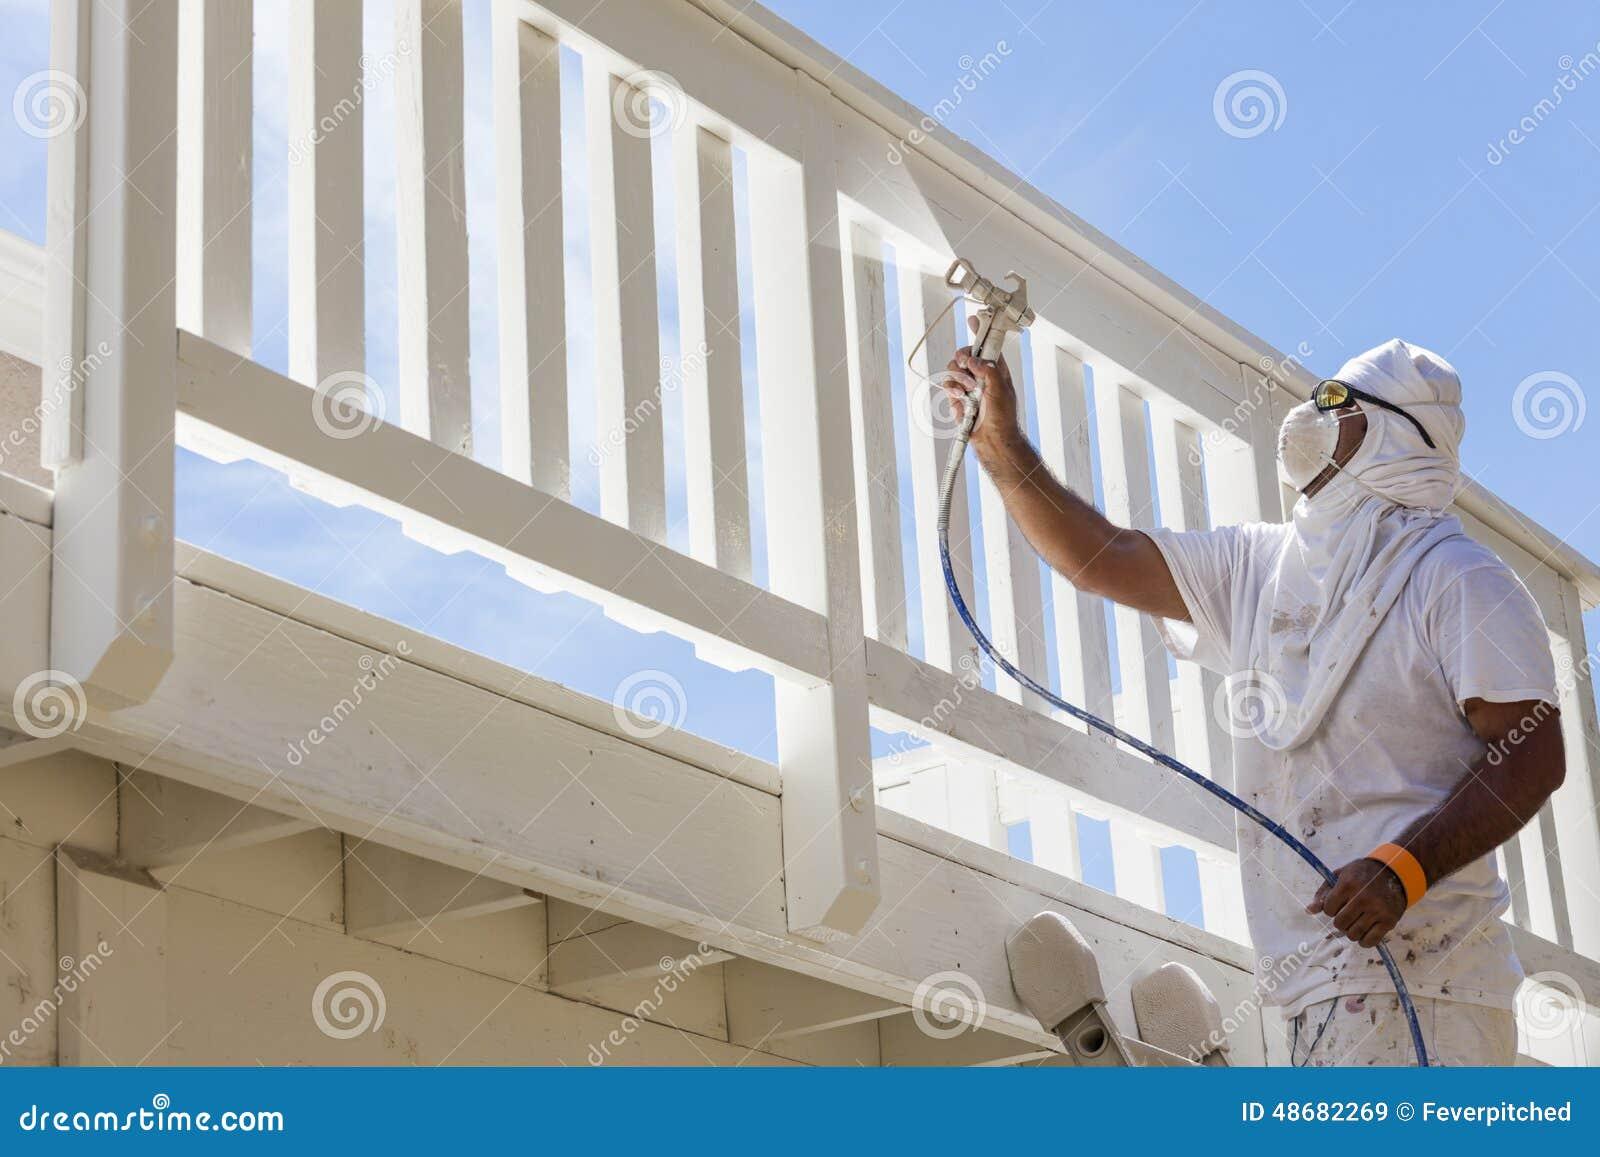 pintor de casa spray painting uma plataforma de uma casa foto de stock. Black Bedroom Furniture Sets. Home Design Ideas